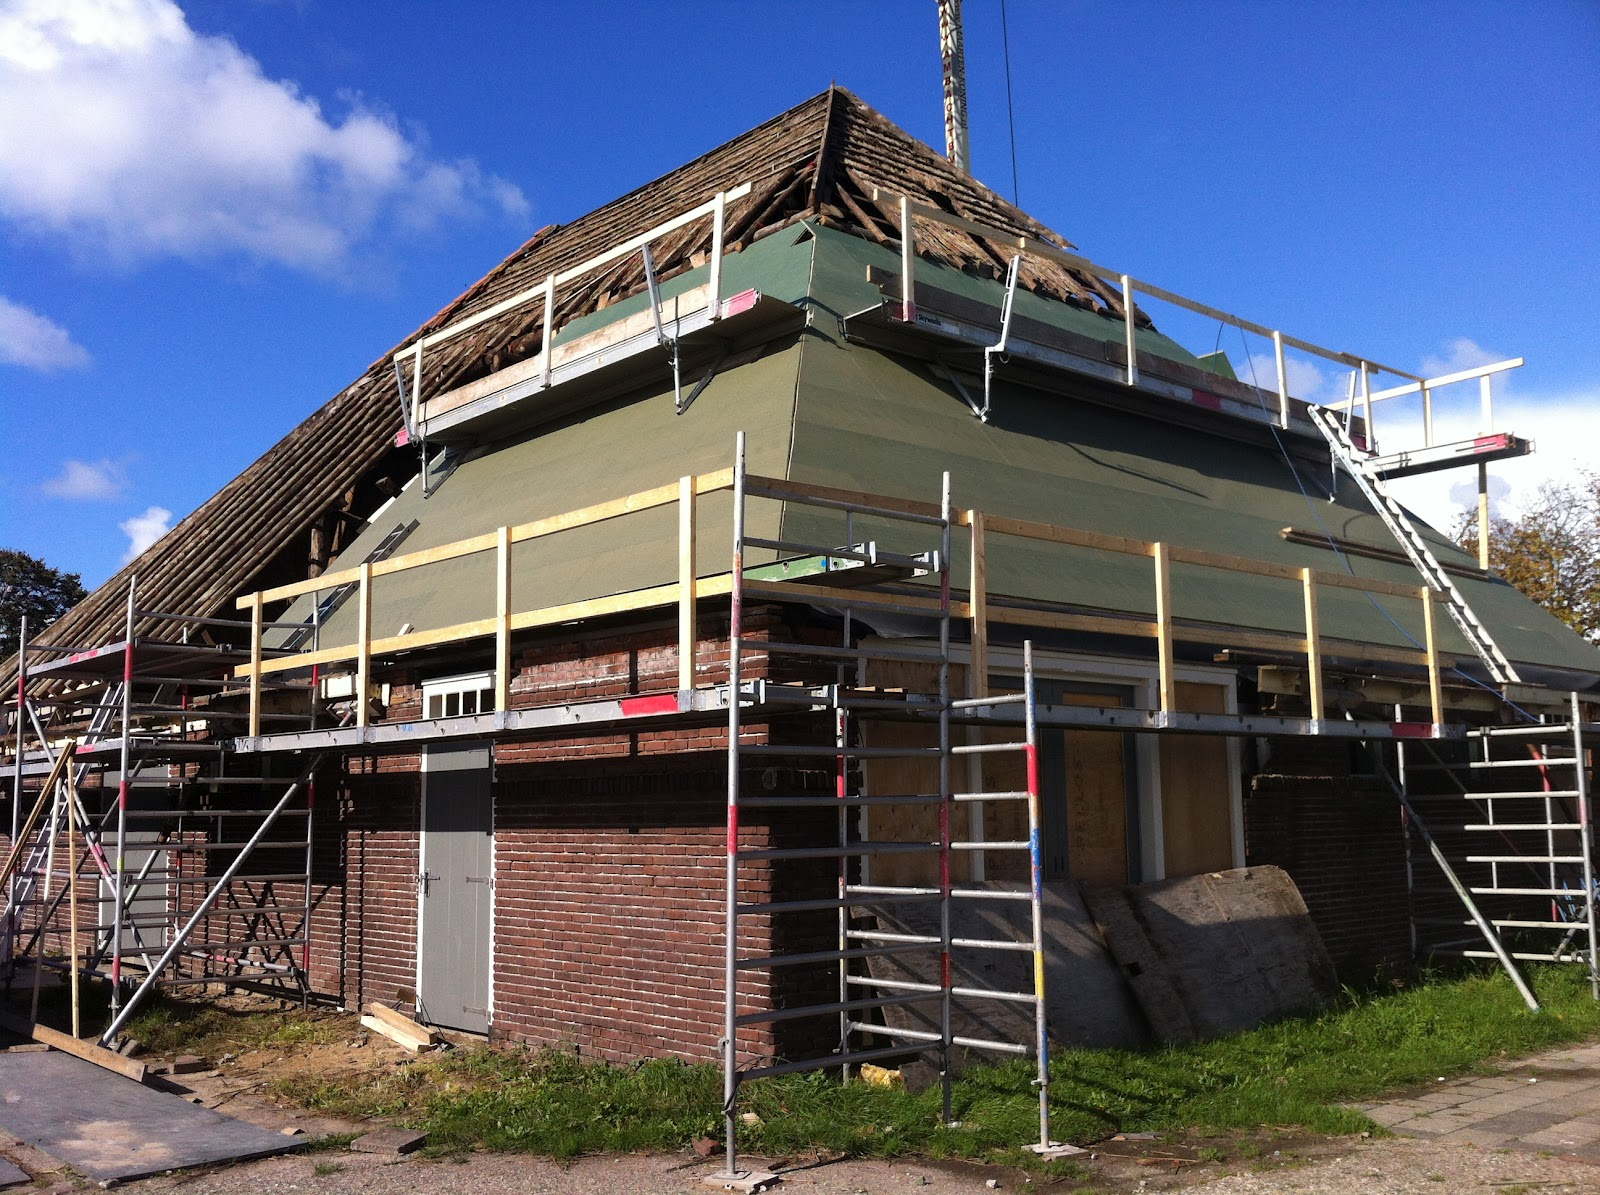 Jacobshoeve bakkum b en b kookstudio vergader en trainingslocatie een deel van het dak - De meidenkamers ...